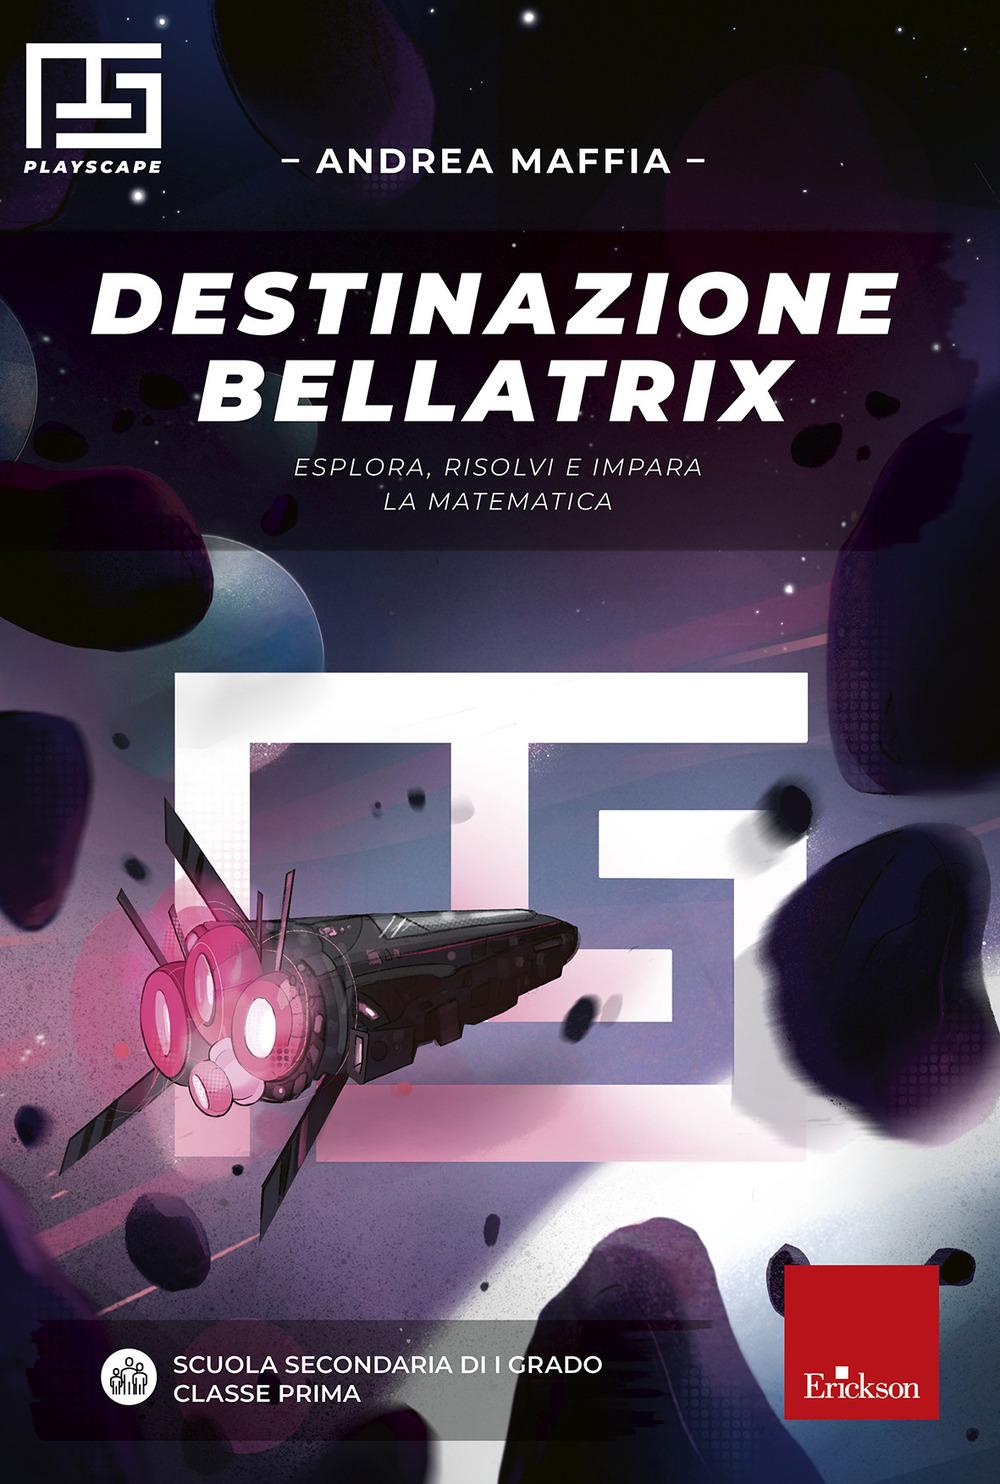 Destinazione Bellatrix. Esplora, risolvi e impara la matematica